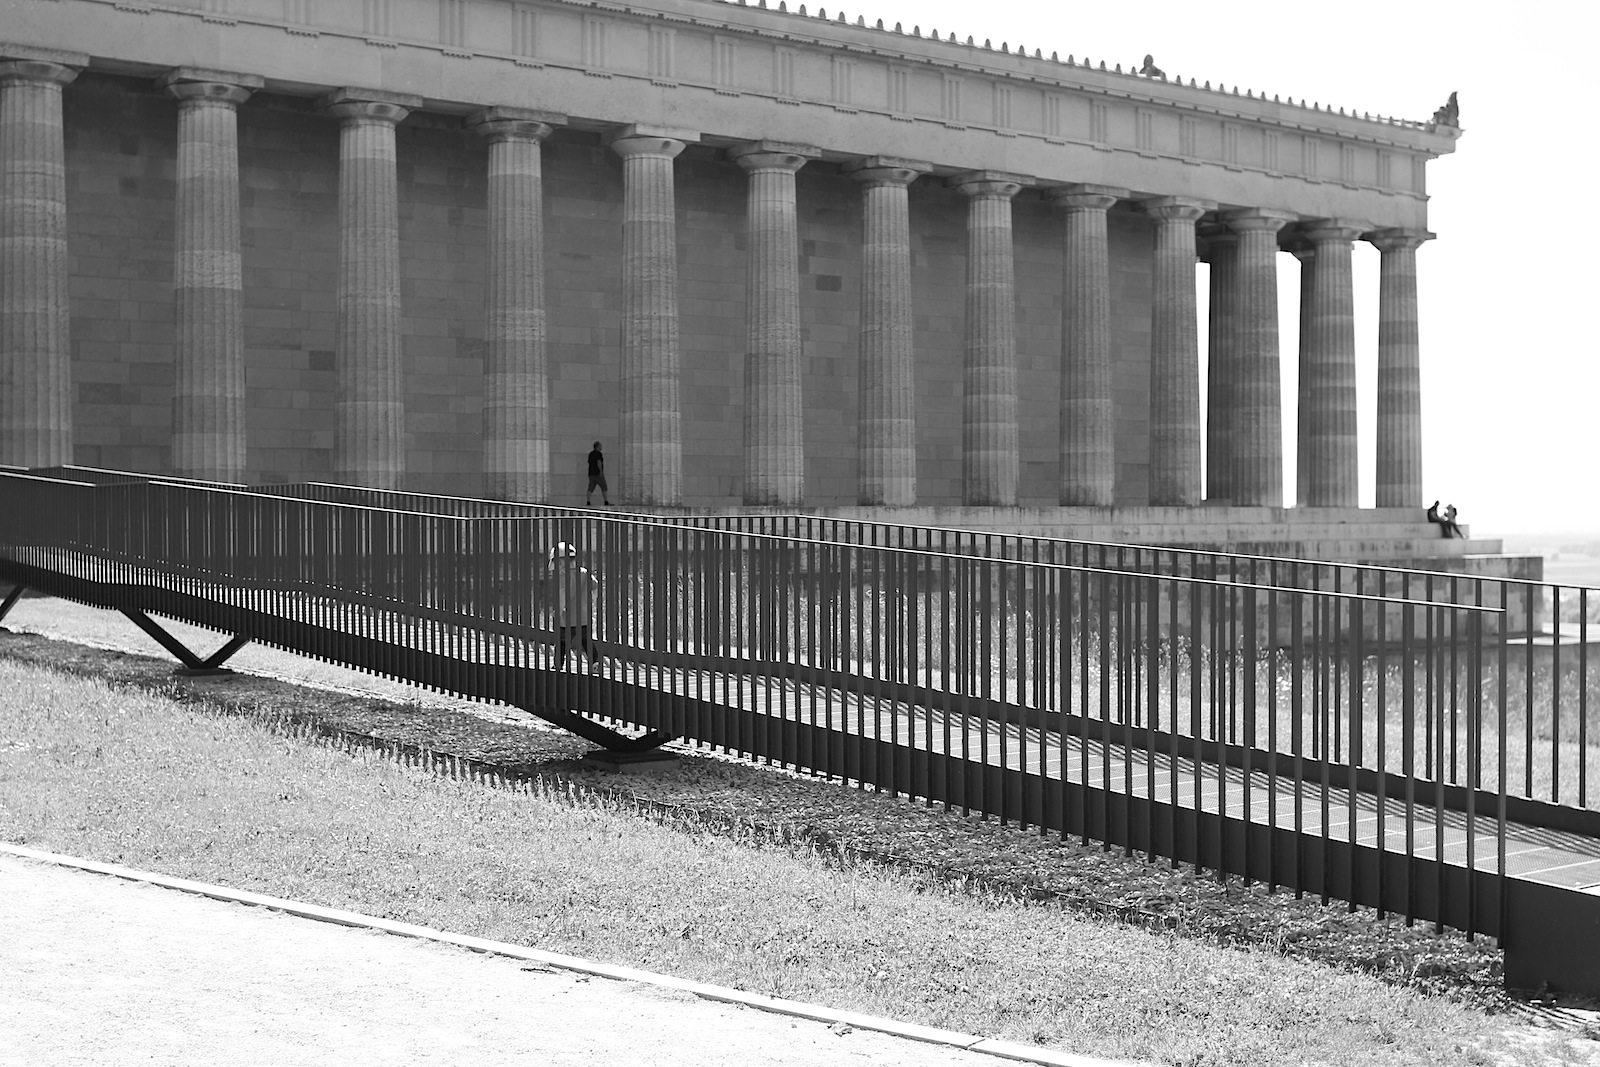 Sanierungsfall. ... der umfangreichen Sanierungsarbeiten an dem Tempel eröffnet. Das Bauwerk war in vielen Bereichen beschädigt, was statische Ursachen hatte oder auf Witterungseinflüsse zurückzuführen war. Die umfangreichen Instandsetzungsmaßnahmen kosteten ...